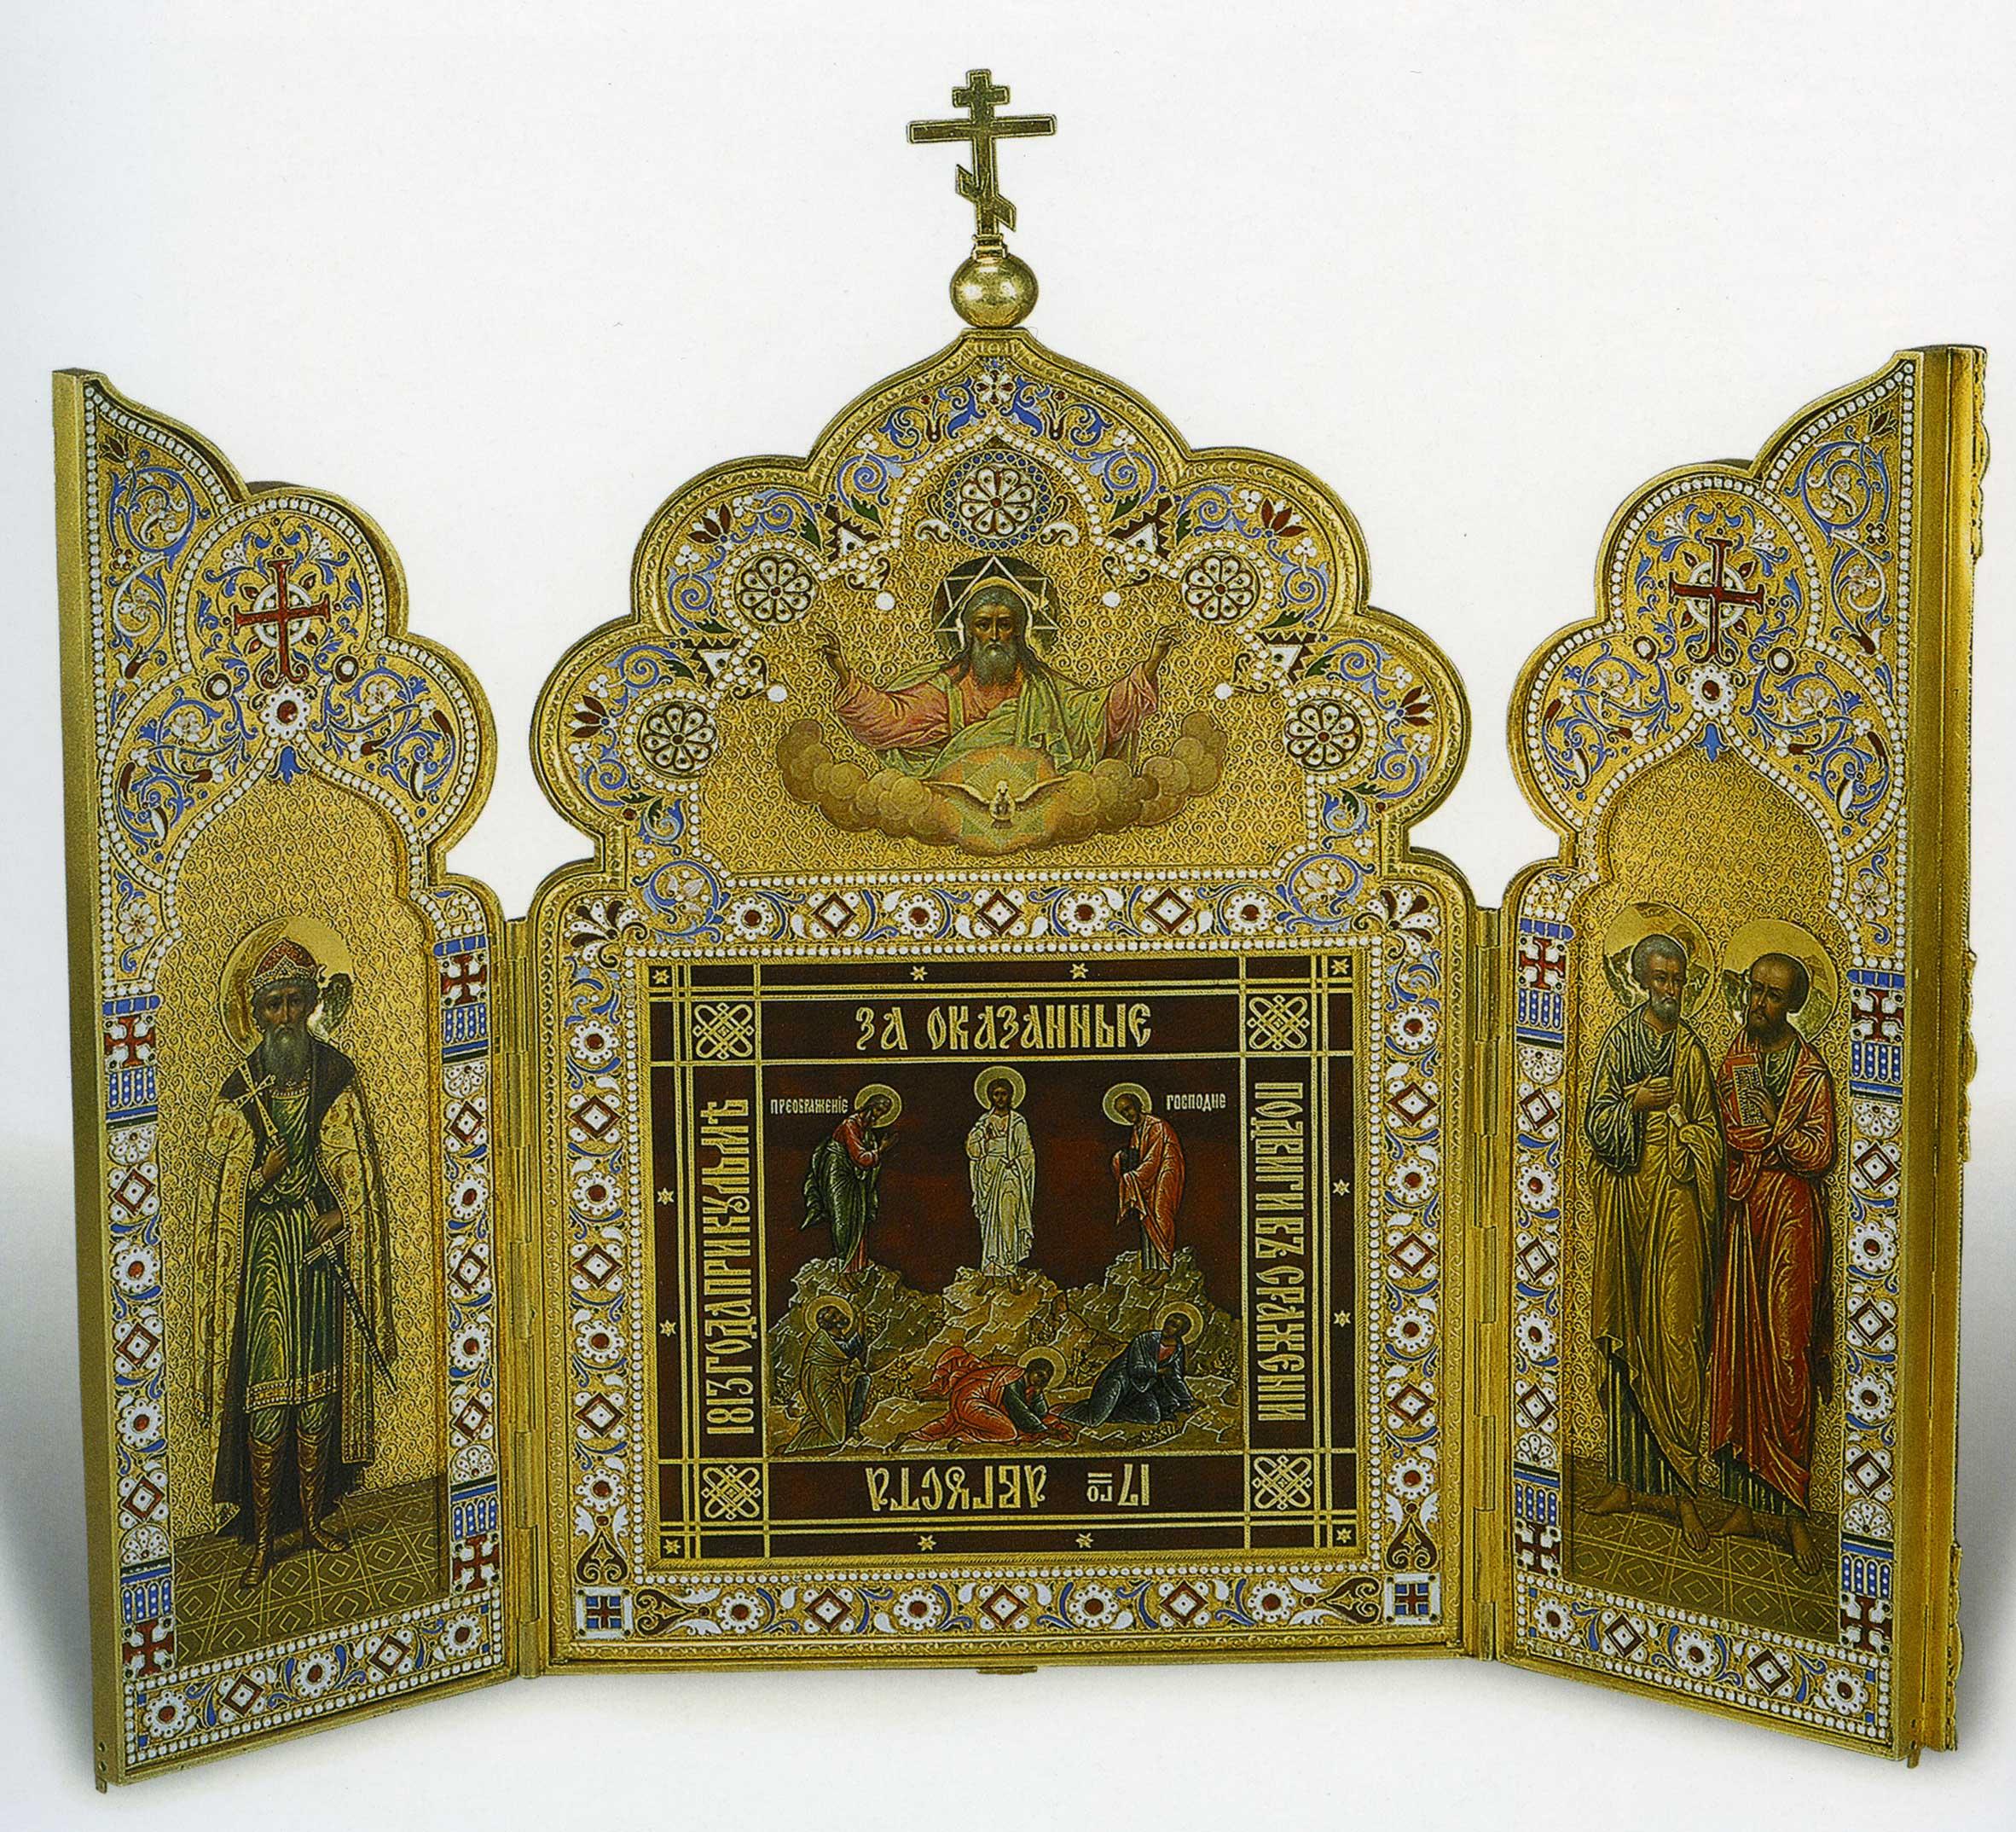 Преображение. Святой князь Владимир. Апостолы Петр и Павел